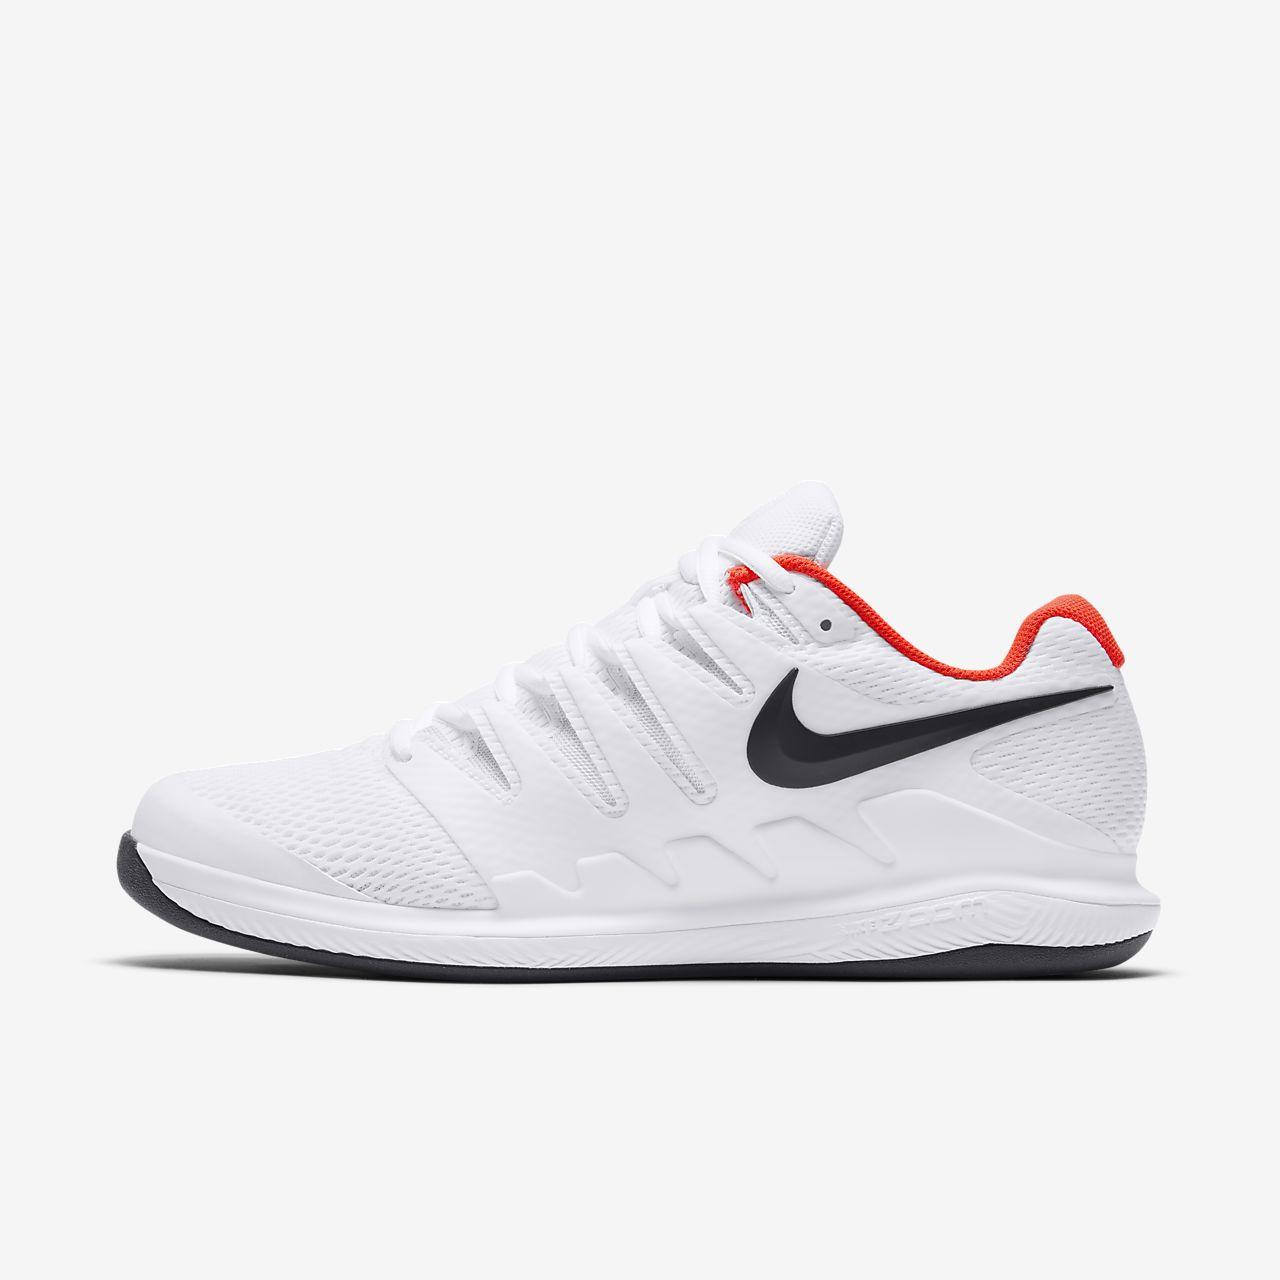 scarpe tennis nike uomo vapor